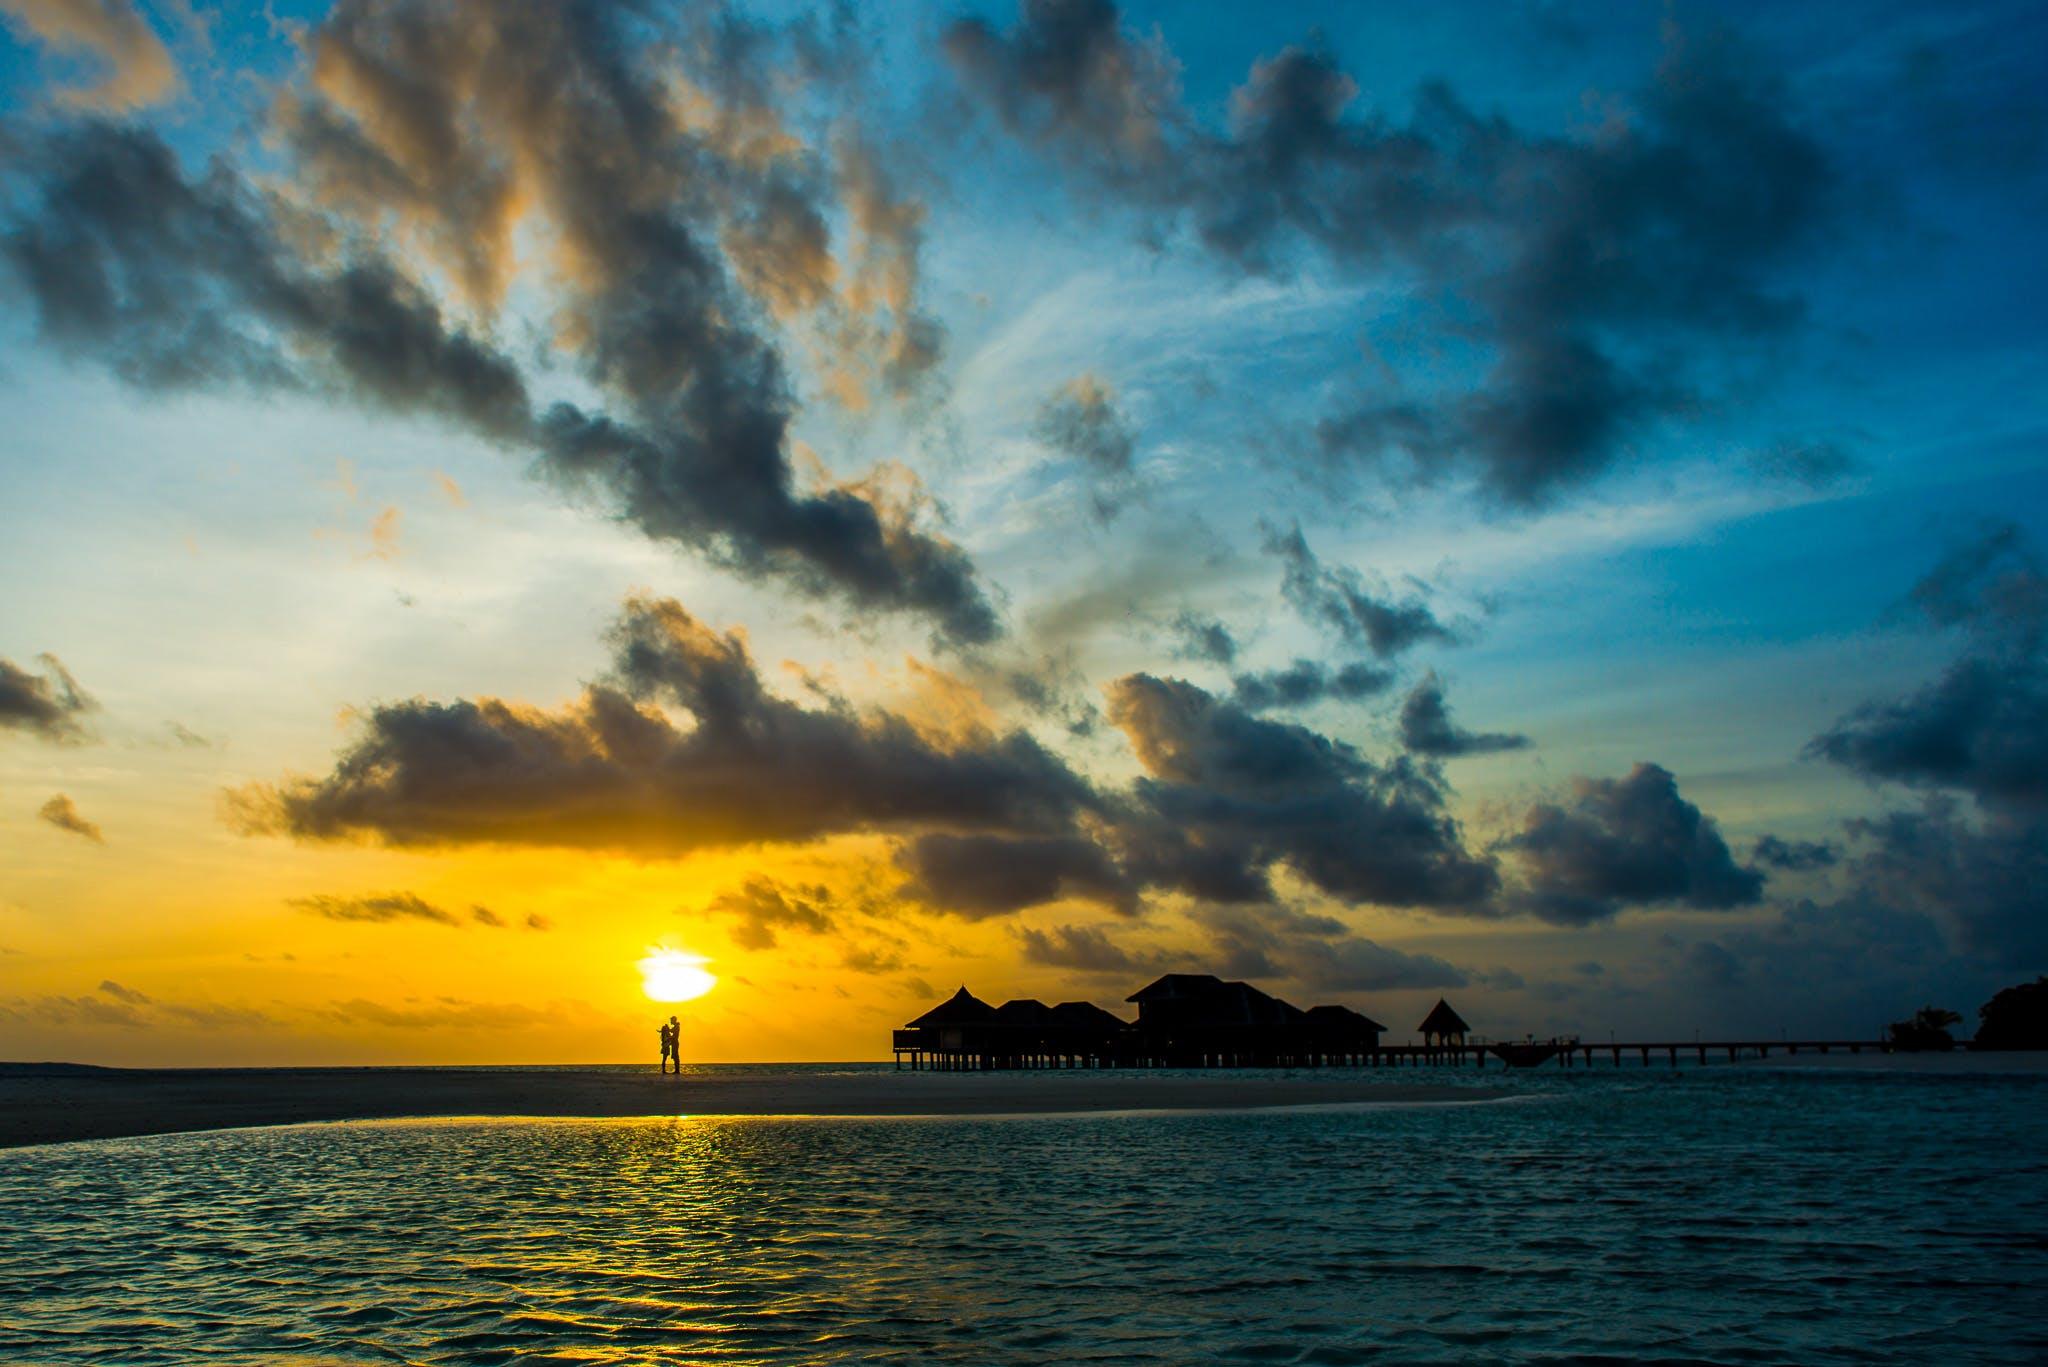 çift, çift hedefi, genç çift, gün batımı içeren Ücretsiz stok fotoğraf